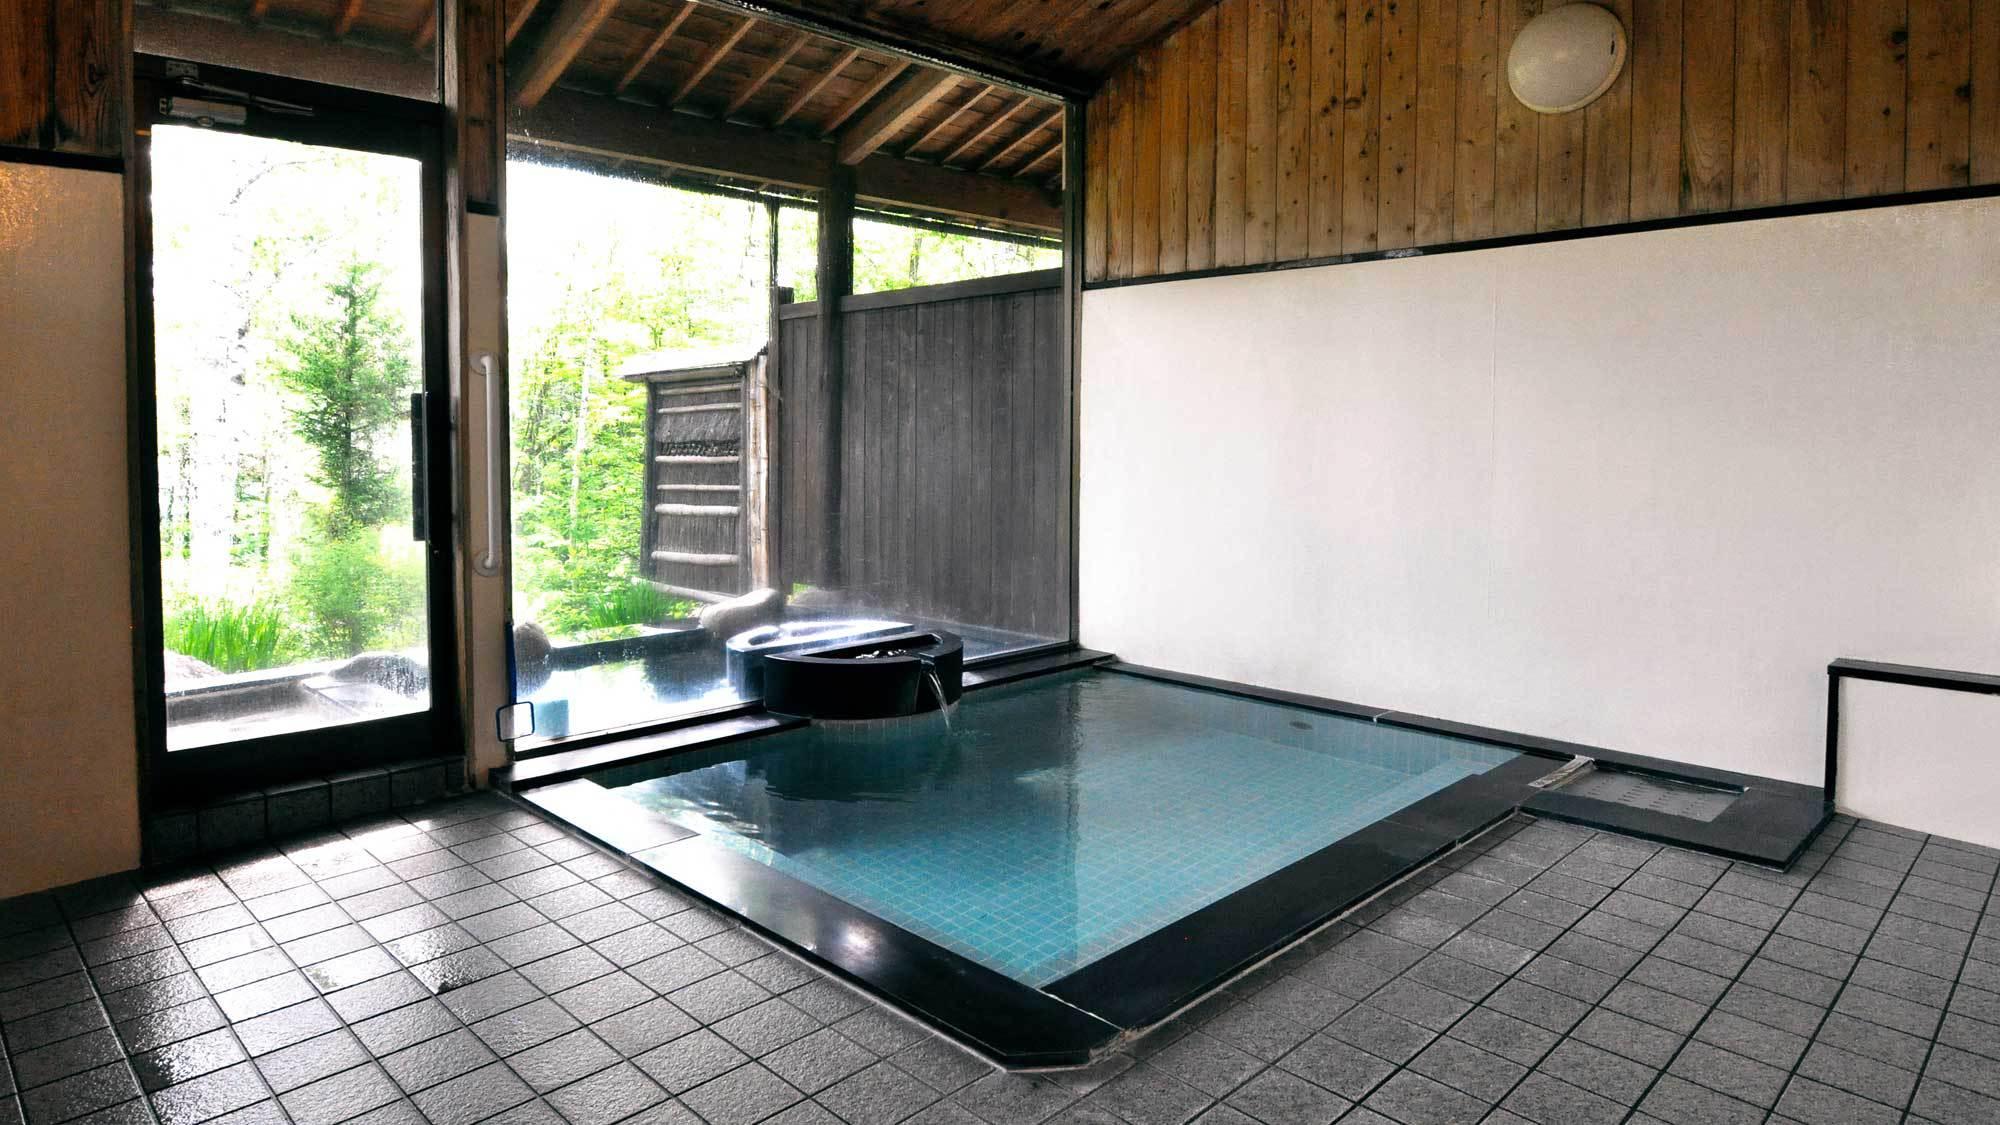 【大浴場】採光の良い大窓により、開放的な空間となっております。